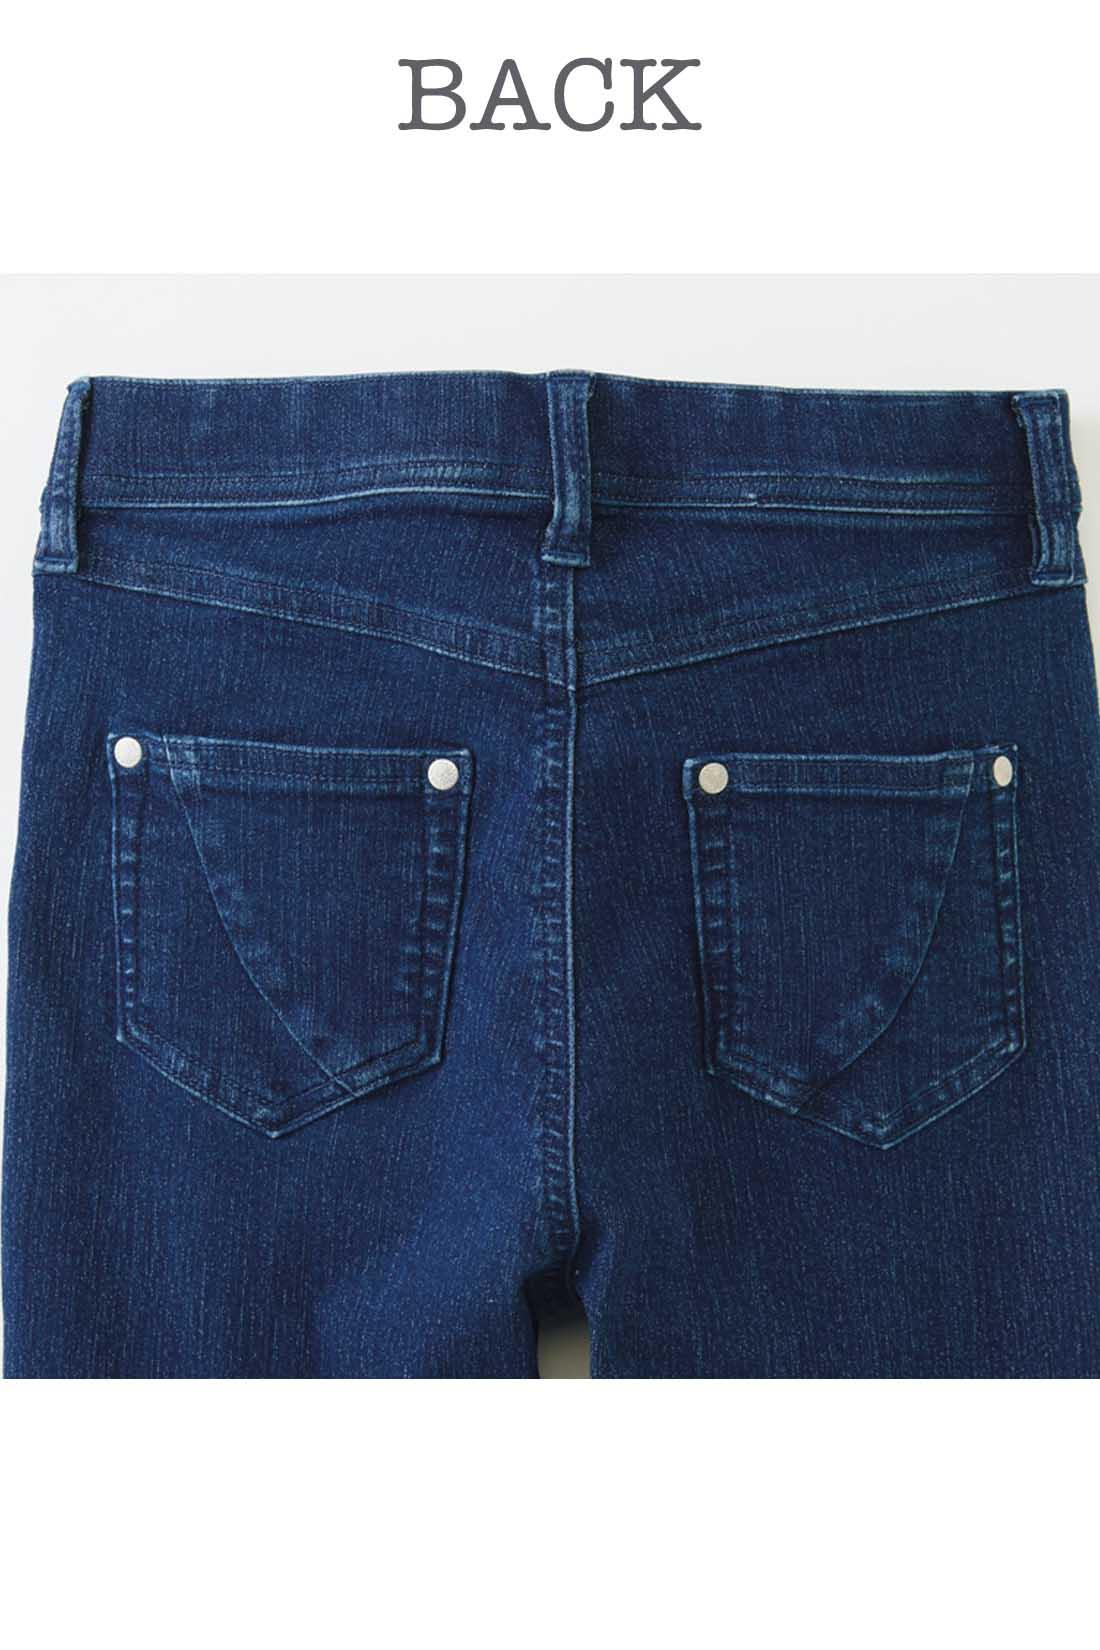 バックポケット切り替えの視覚効果で小尻見え。 ※お届けするカラーとは異なります。